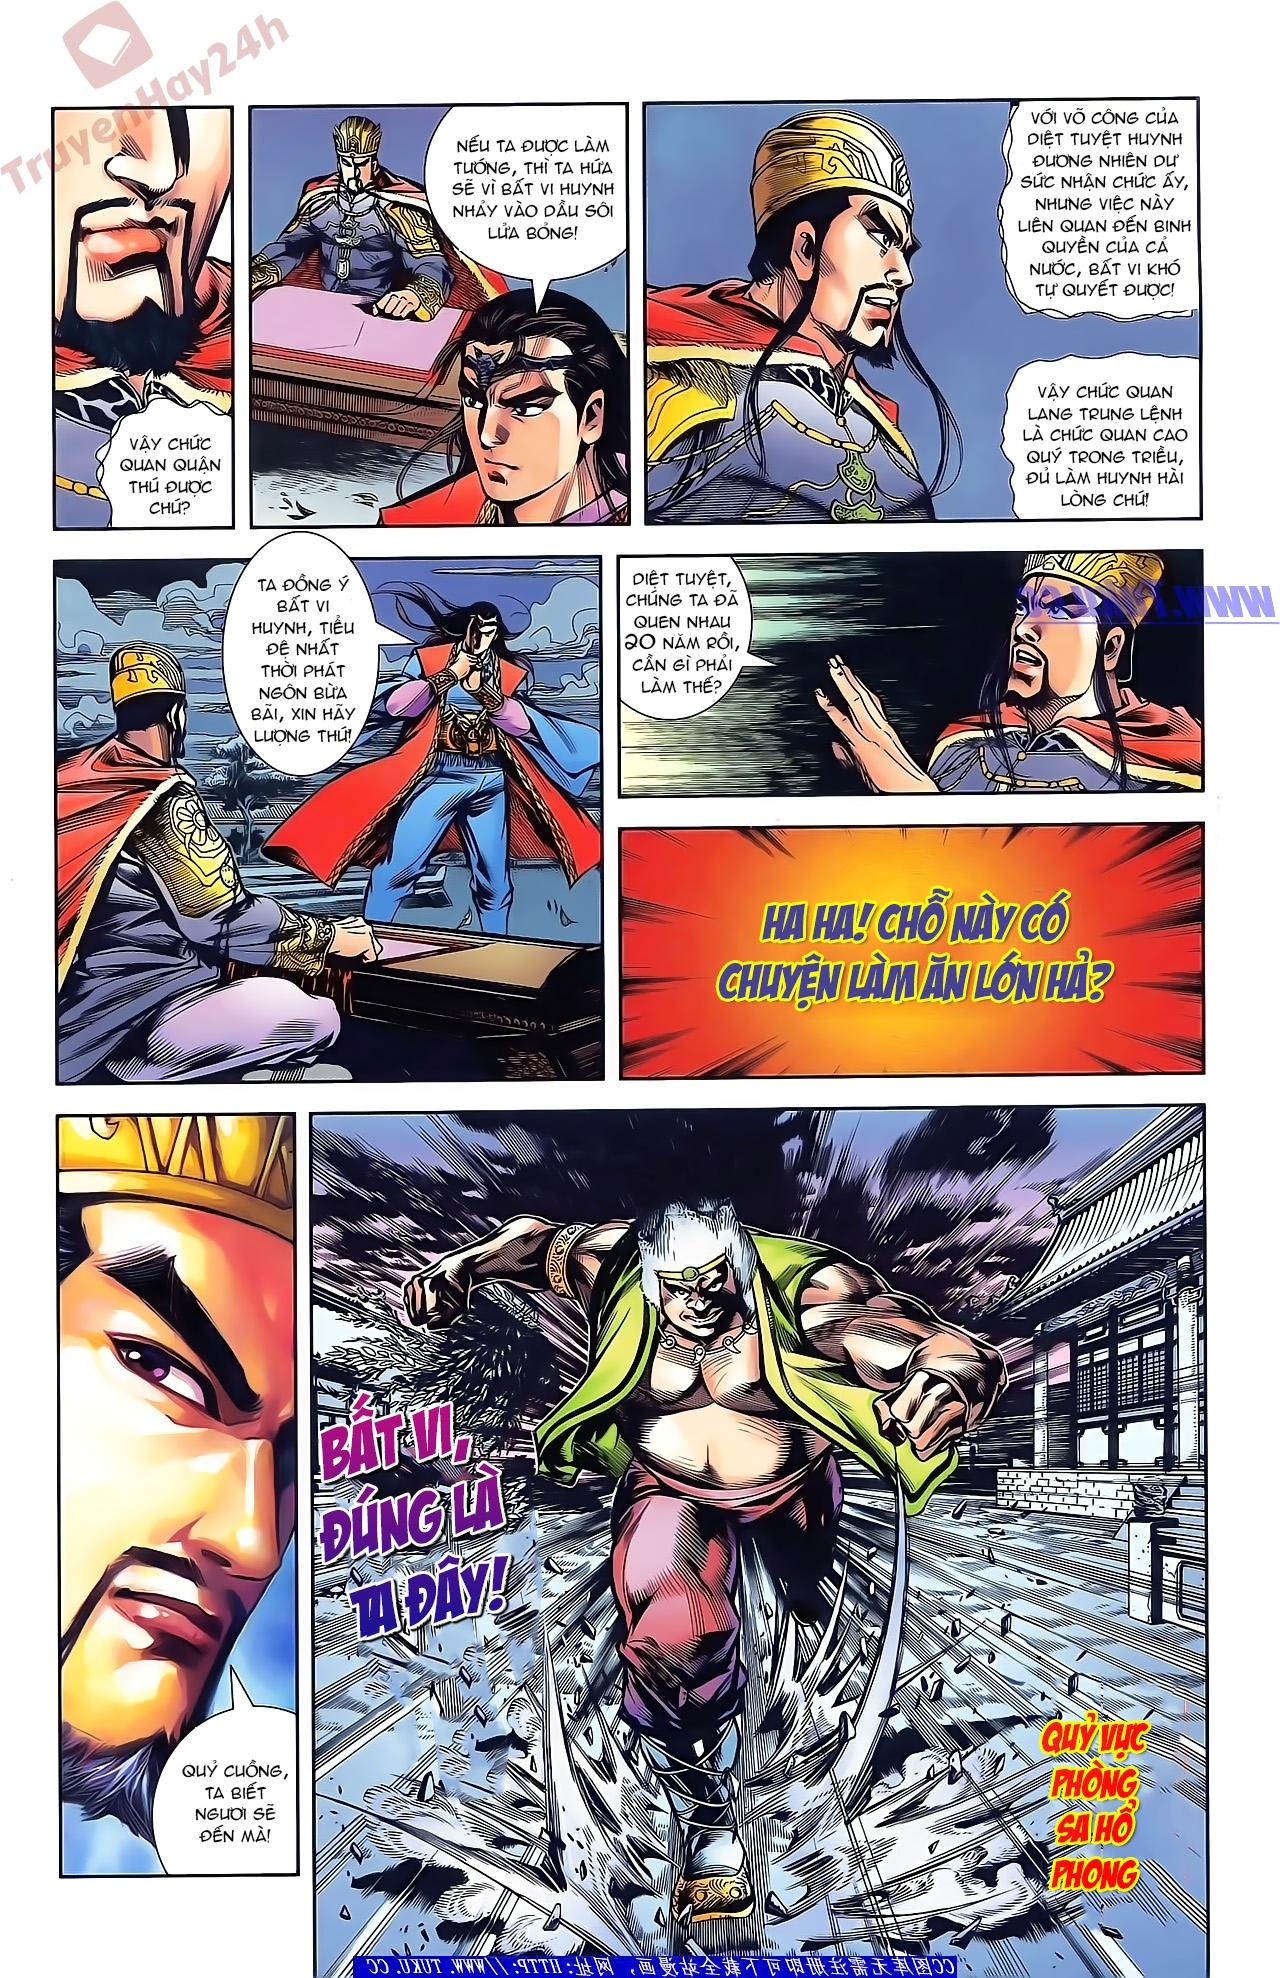 Tần Vương Doanh Chính chapter 42 trang 24